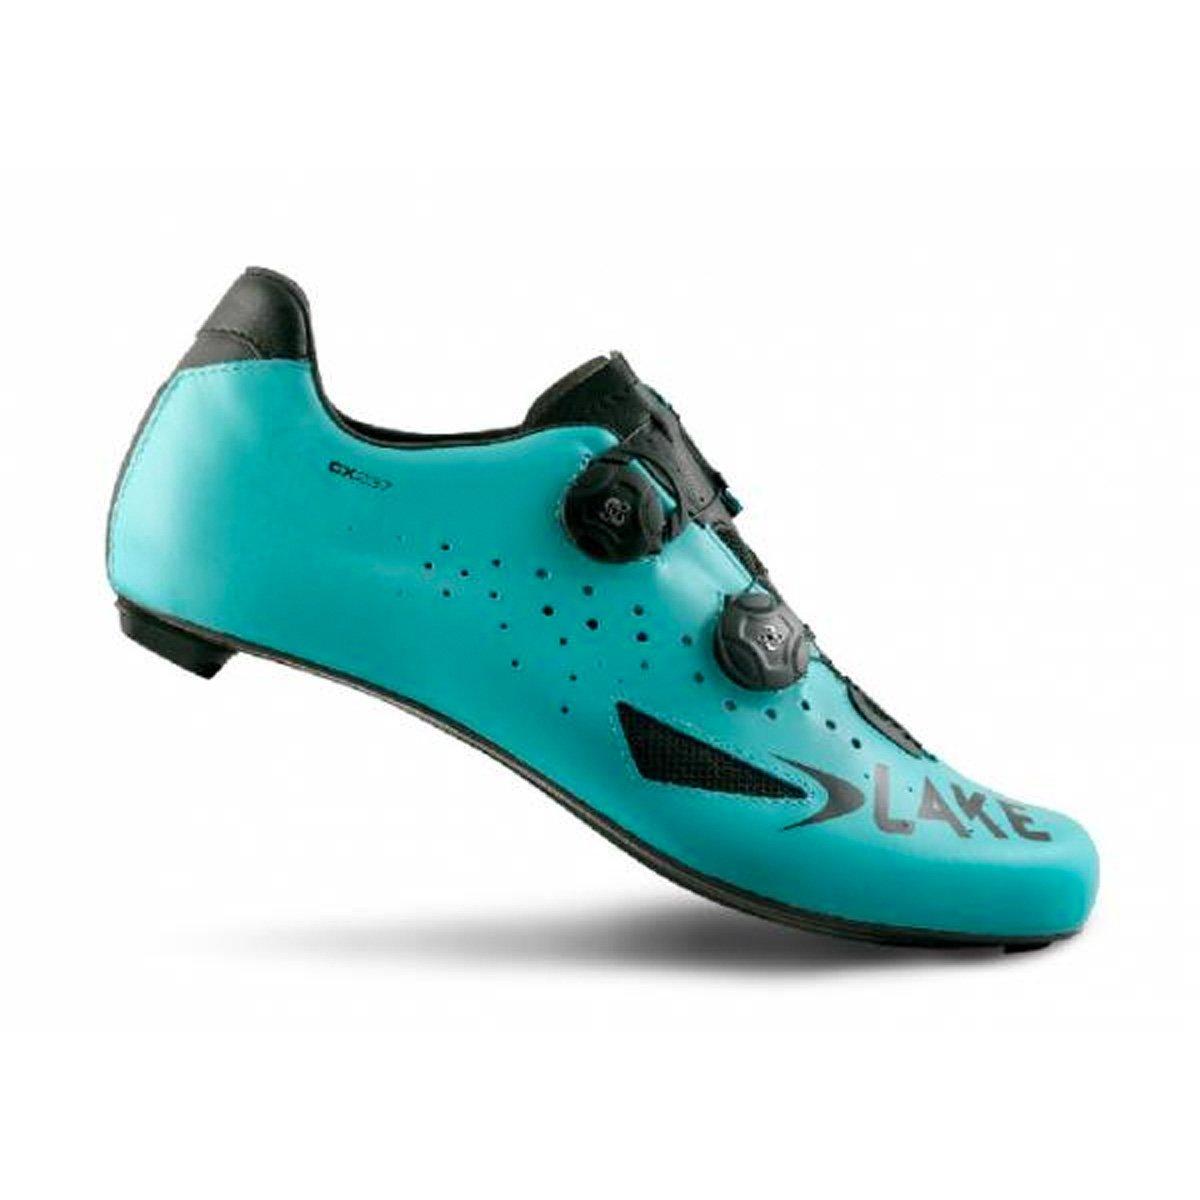 Lake Cycling 2018 Men's CX237 WIDE Road Cycling Shoe - Blue/Black (BLUE/BLACK - 45.5)